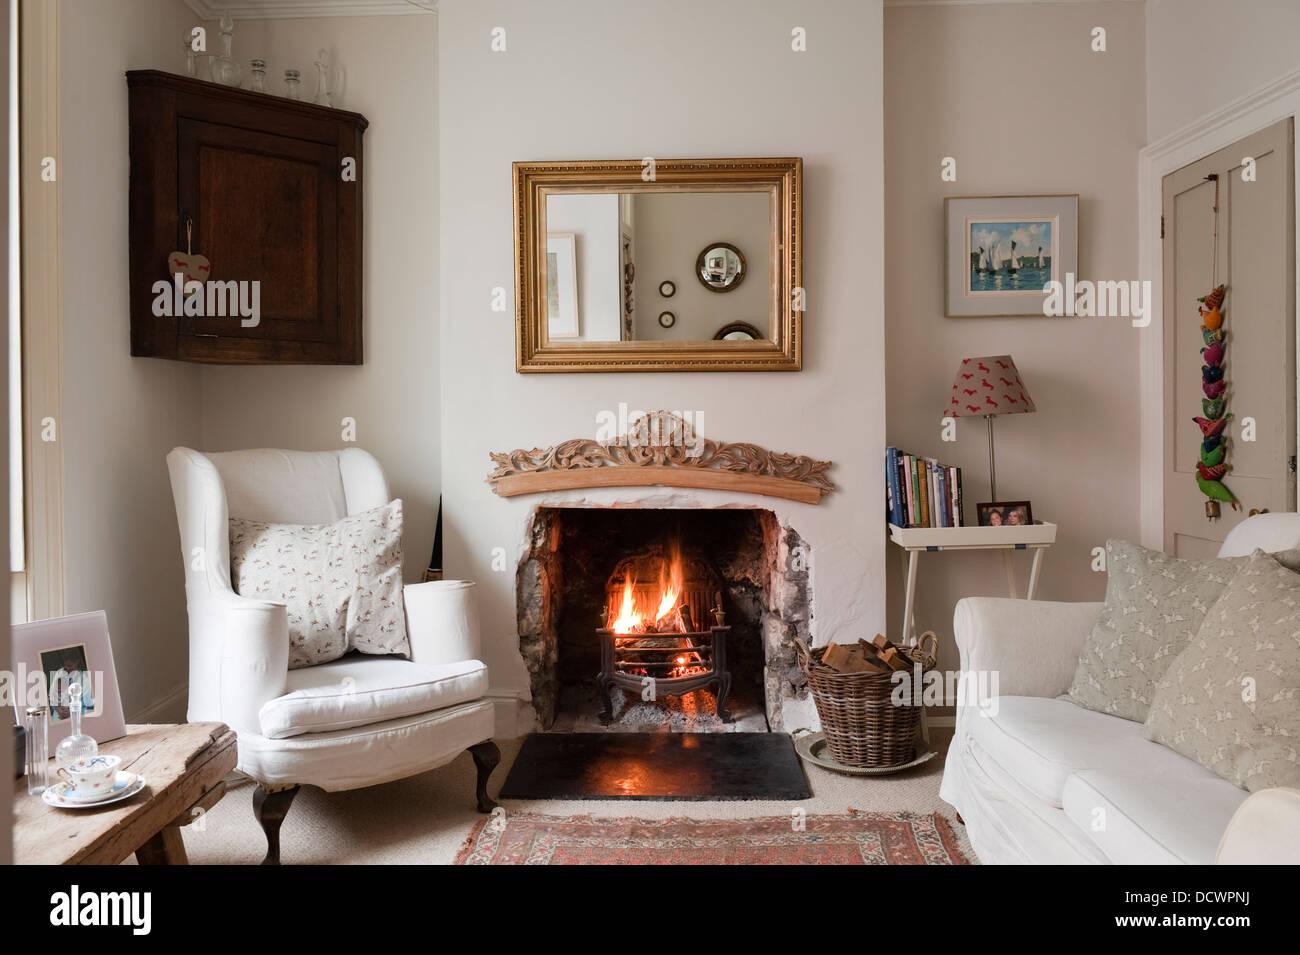 wohnzimmer mit beleuchteten feuer in bristol heimat des britischen stoffdesignerin emily bond - Wohnzimmer Feuer